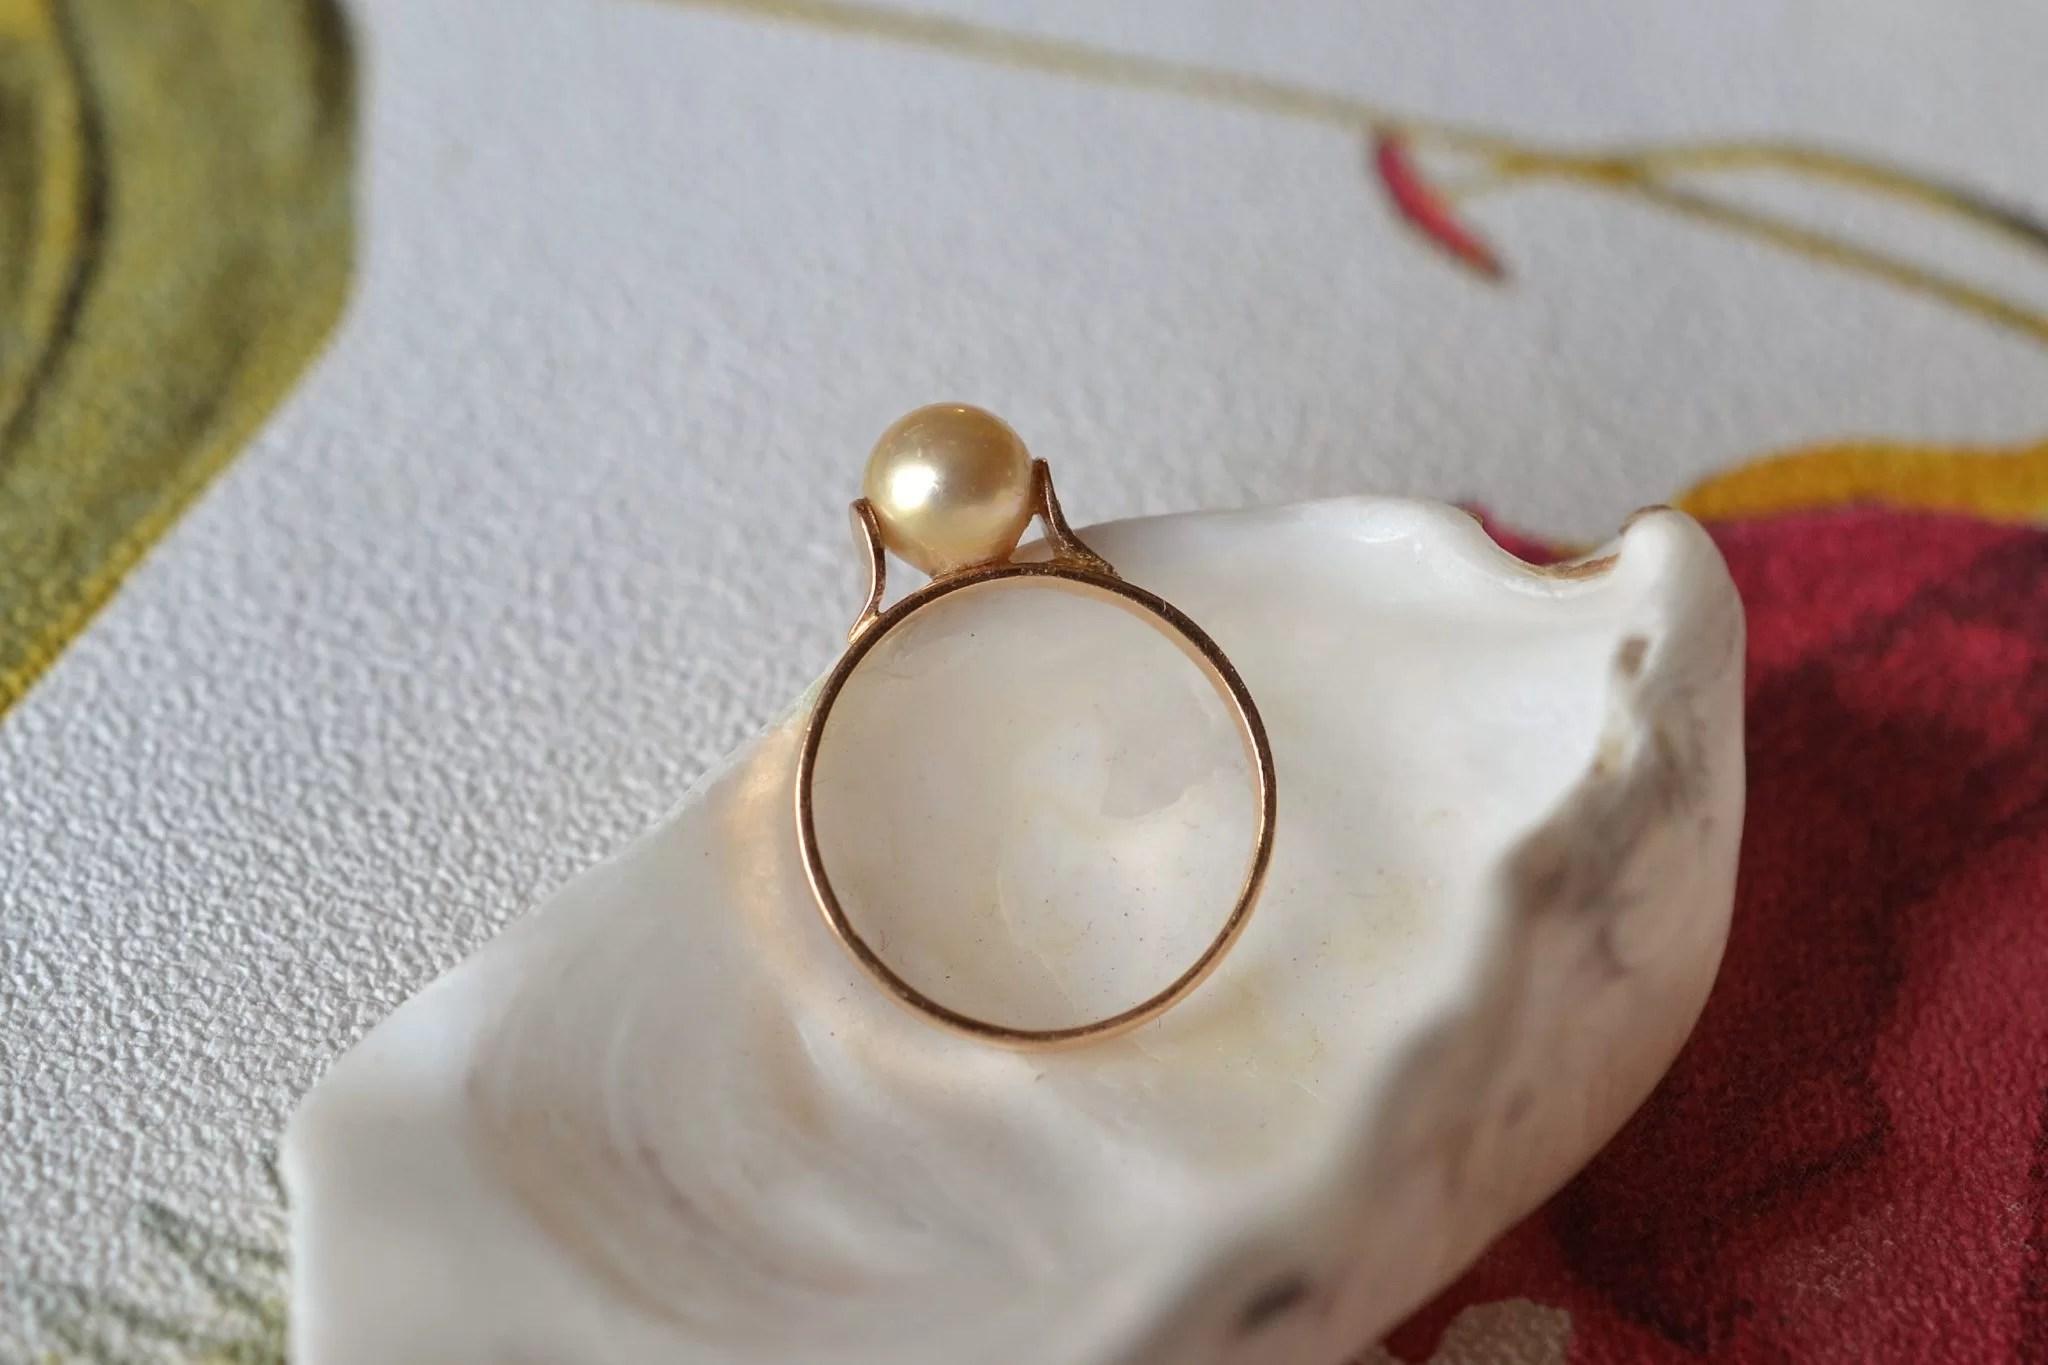 Bague en Or jaune rosé agrémentée d_une perle de culture - bague éthique et éco-responsable